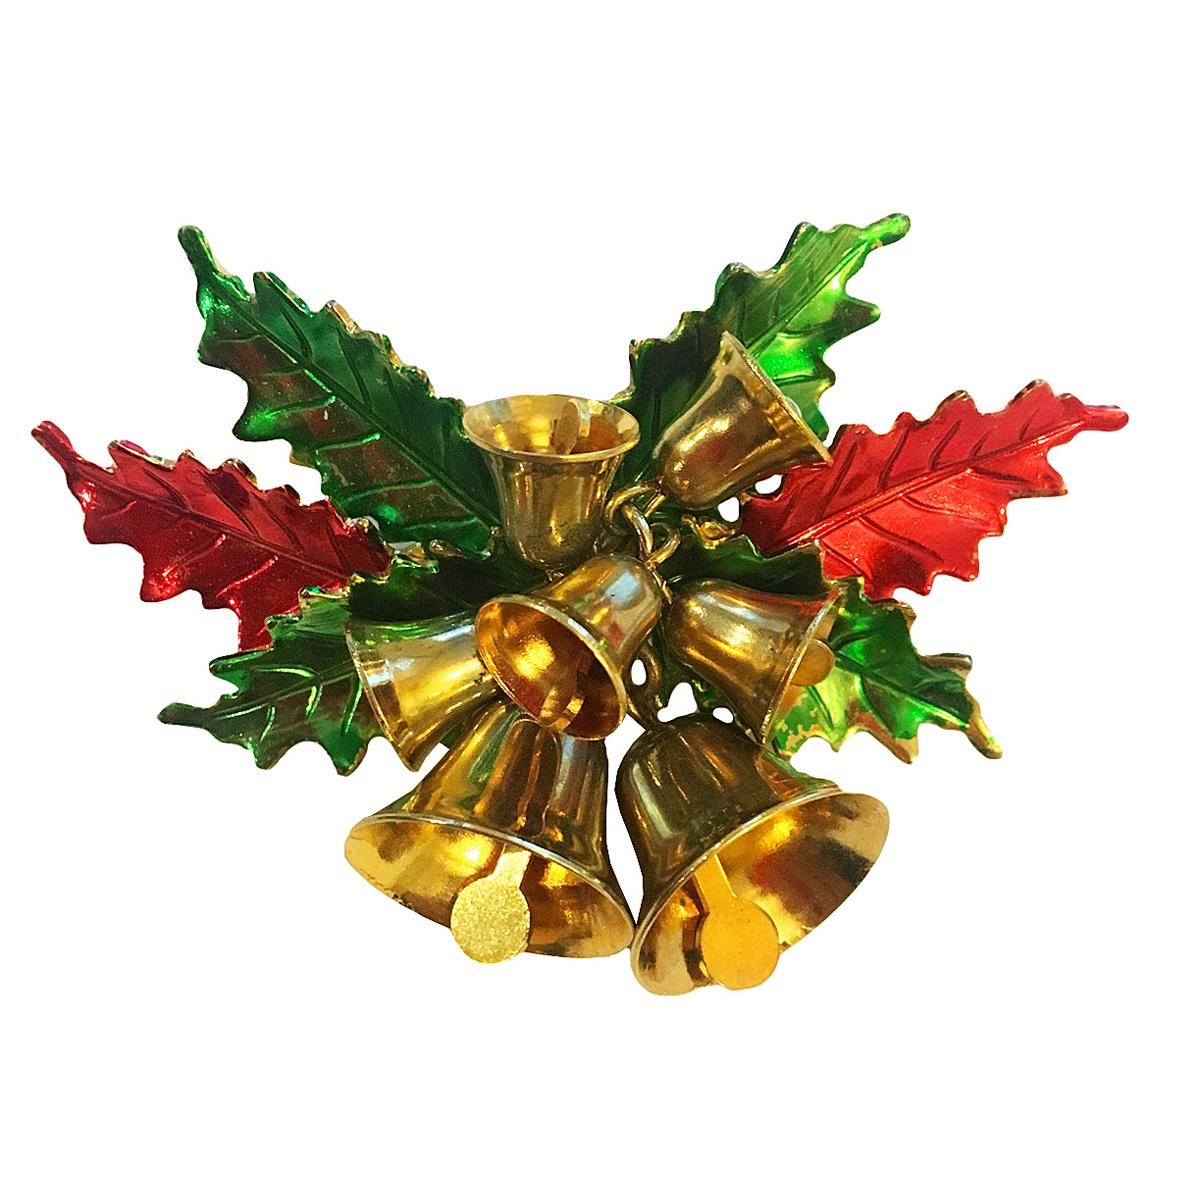 Брошь Винтажная Рождество от компании St.Labre. Ювелирный сплав золотого тона, эмаль, 1970-е годы винтажная брошь ювелирный сплав золотого тона хрустальные стразы сша 1980 е годы